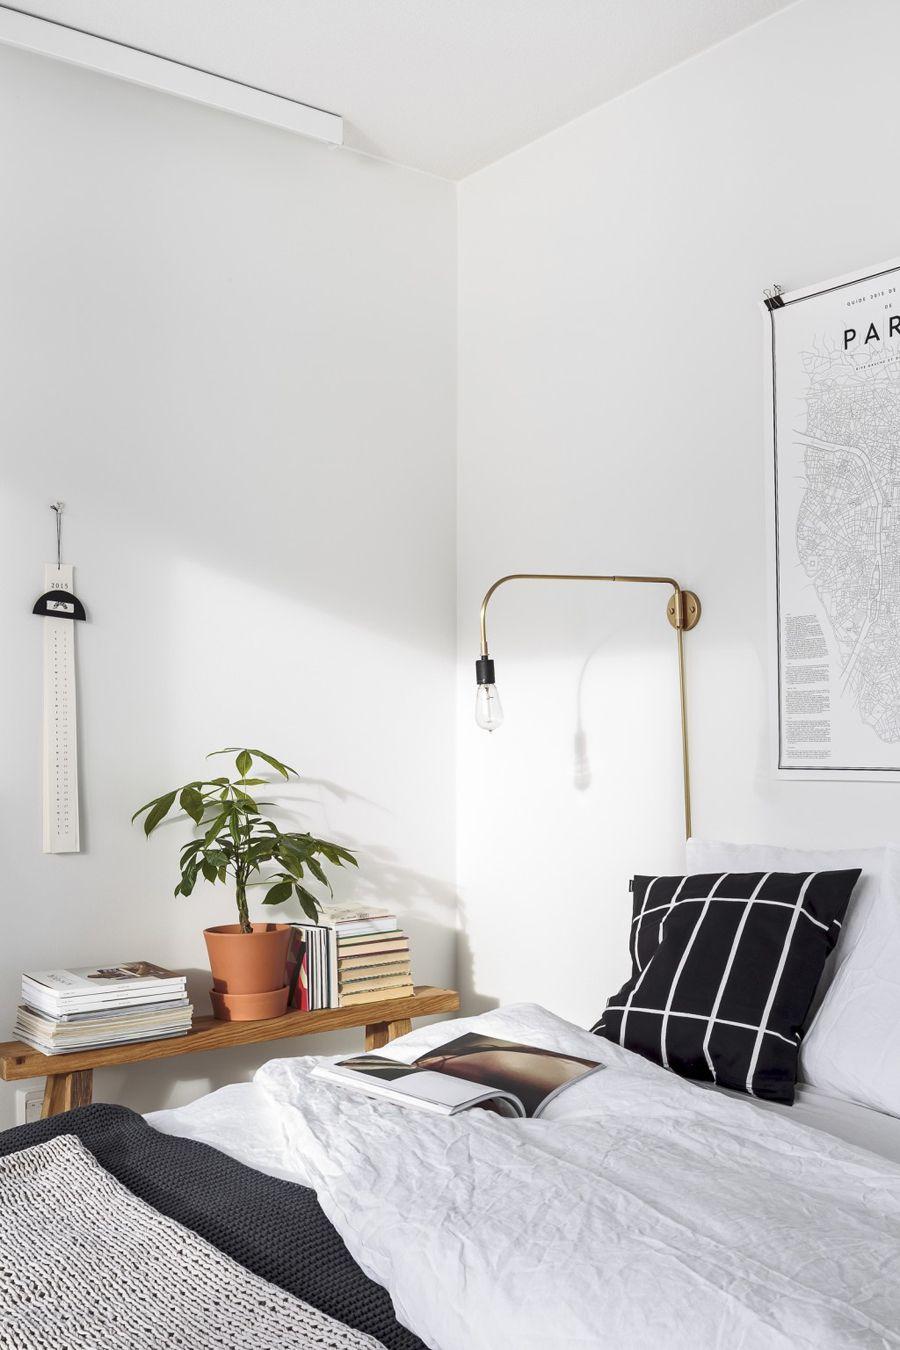 susanna vento for sato | April and May  Jos sänky olisikin näin ja näkymä olohuoneeseen yöpöytä, jotain pientä ja valo?